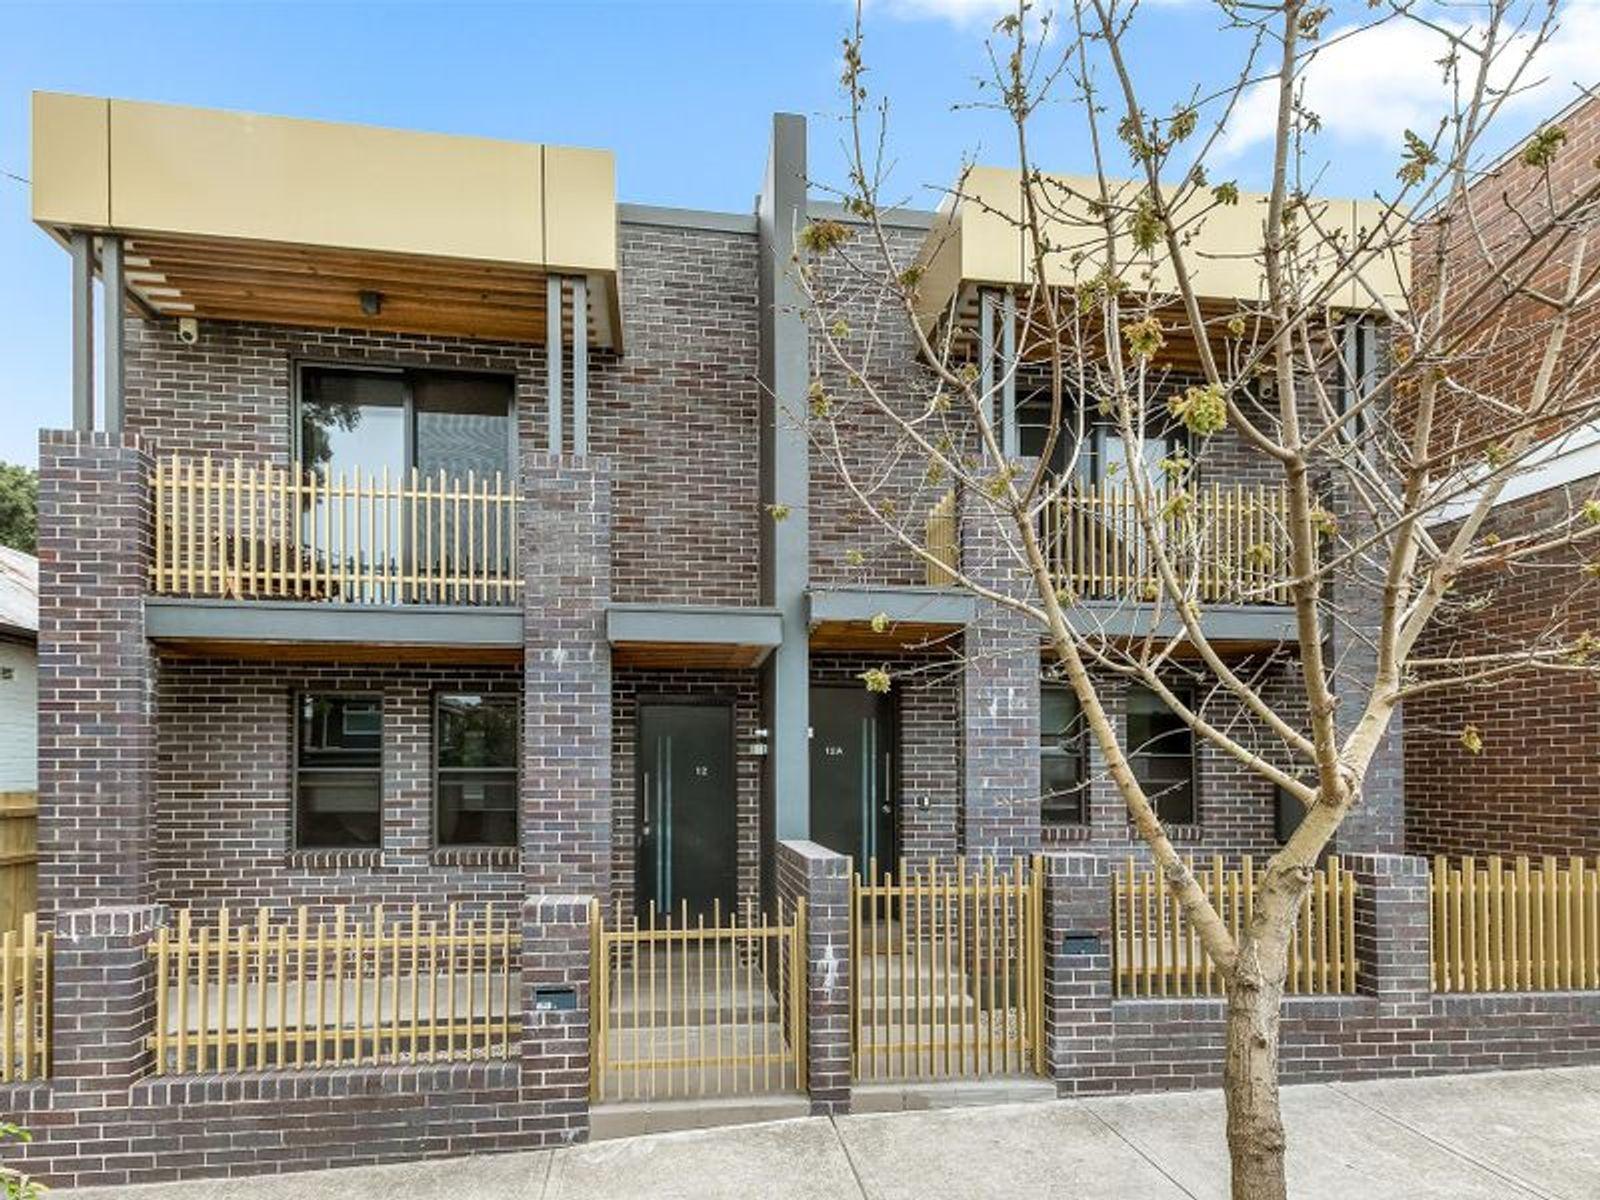 12a Gorman Street, Marrickville, NSW 2204